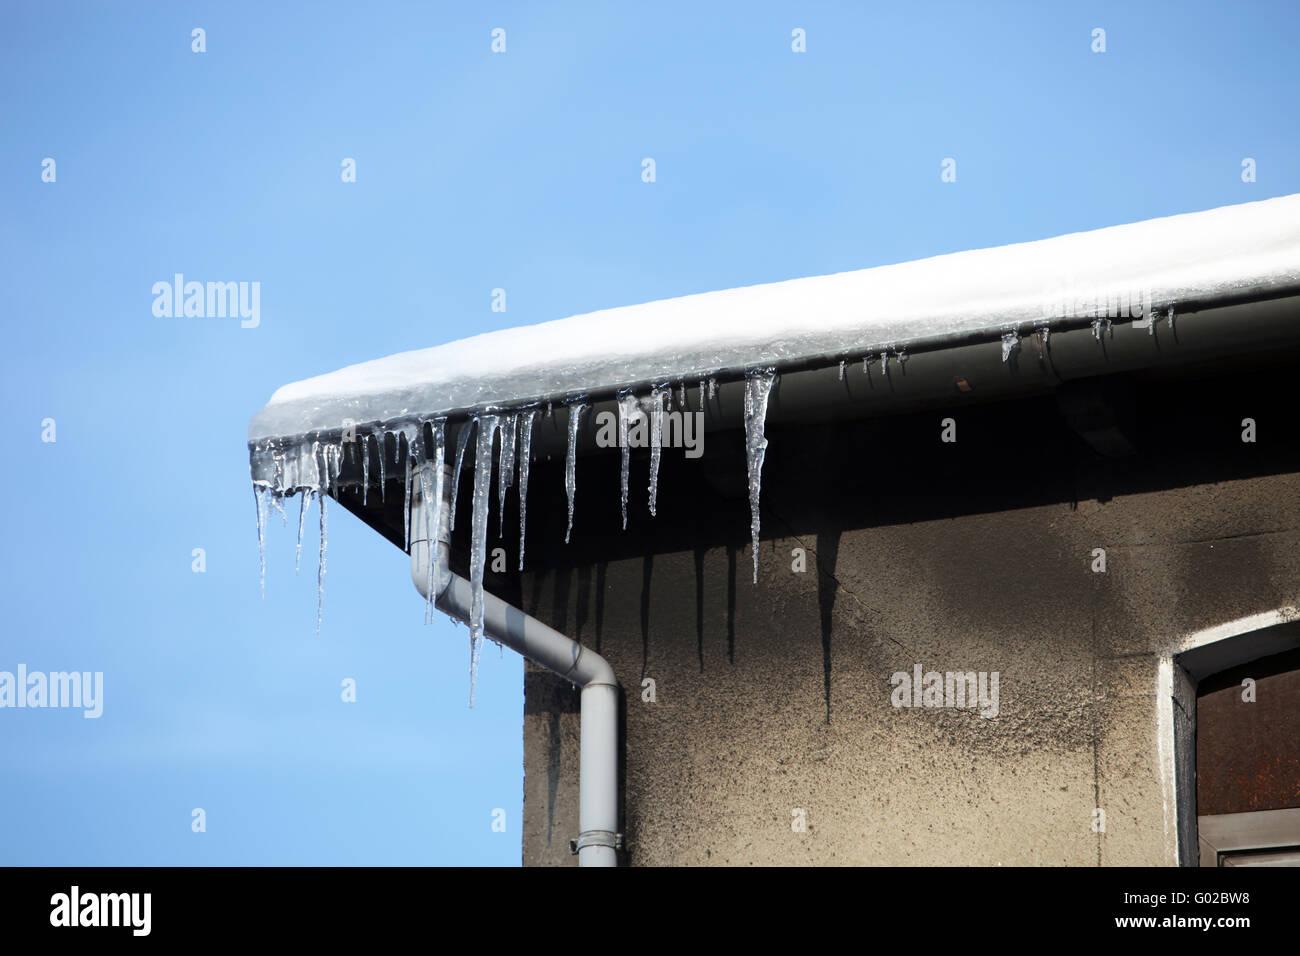 Gefährliche Eiszapfen am Haus-gefährliche Eiszapfen auf Kosten des ...